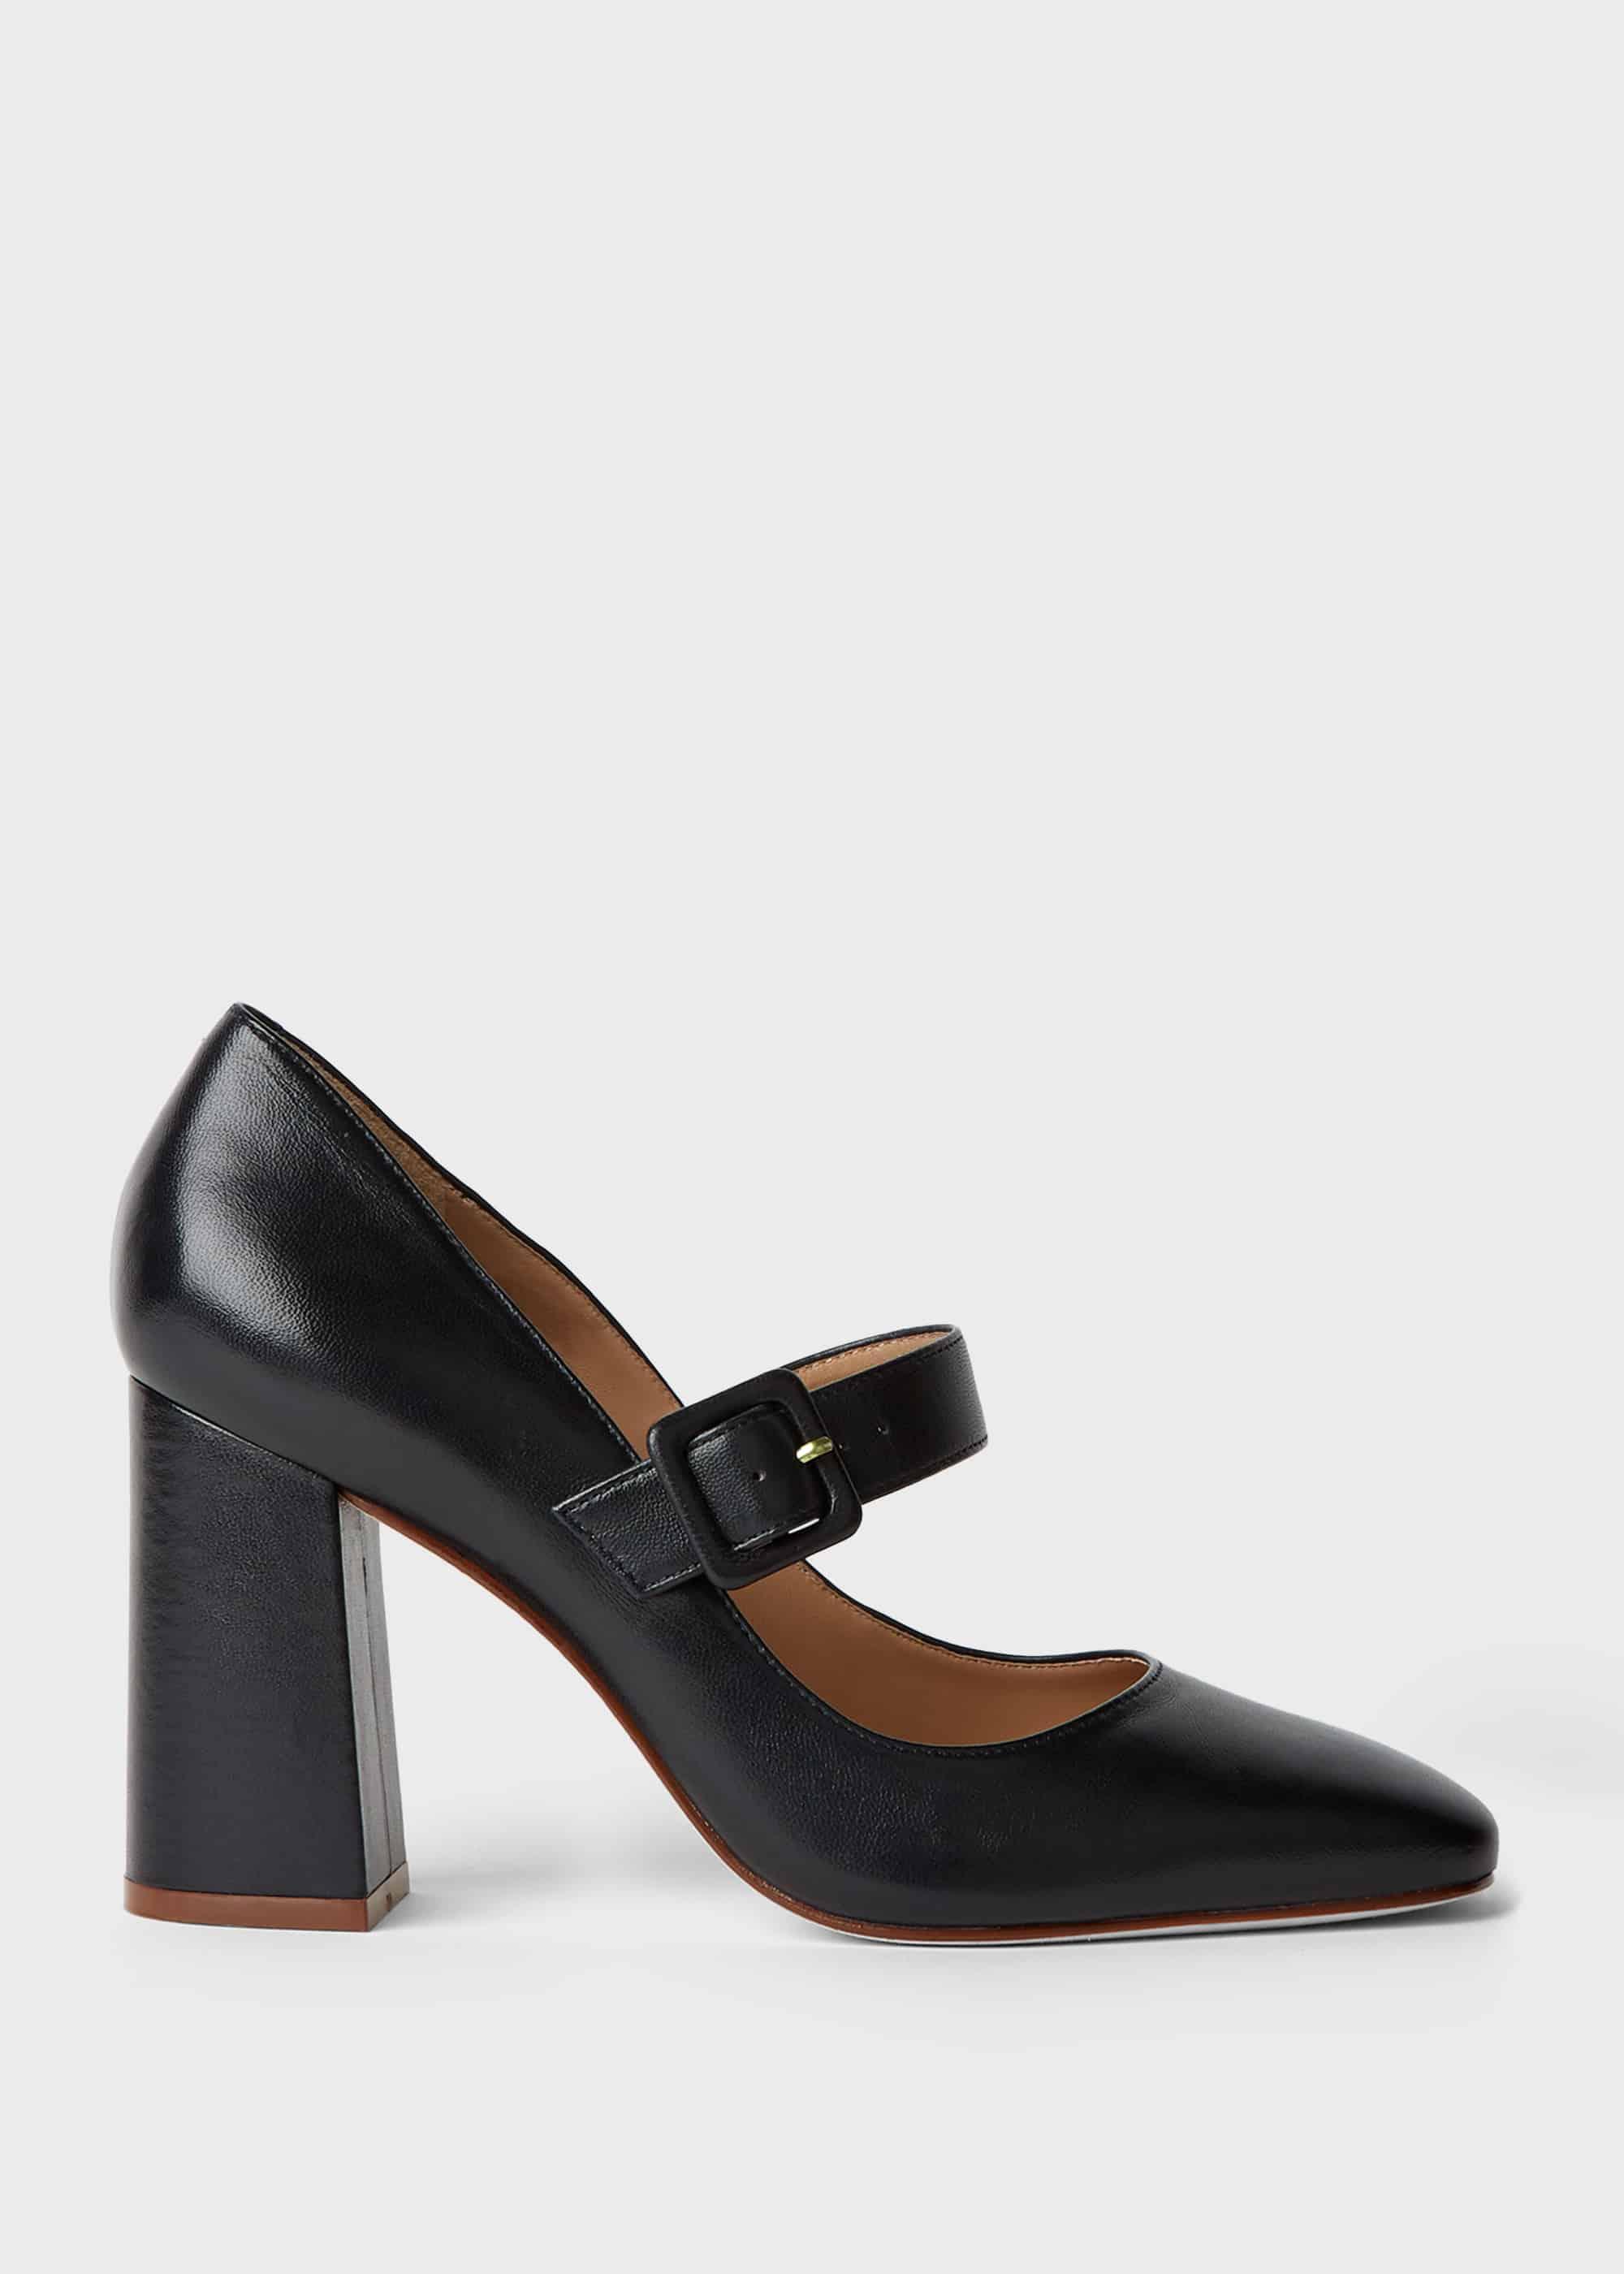 Hobbs Women Darcie Leather Block Heel Court Shoes